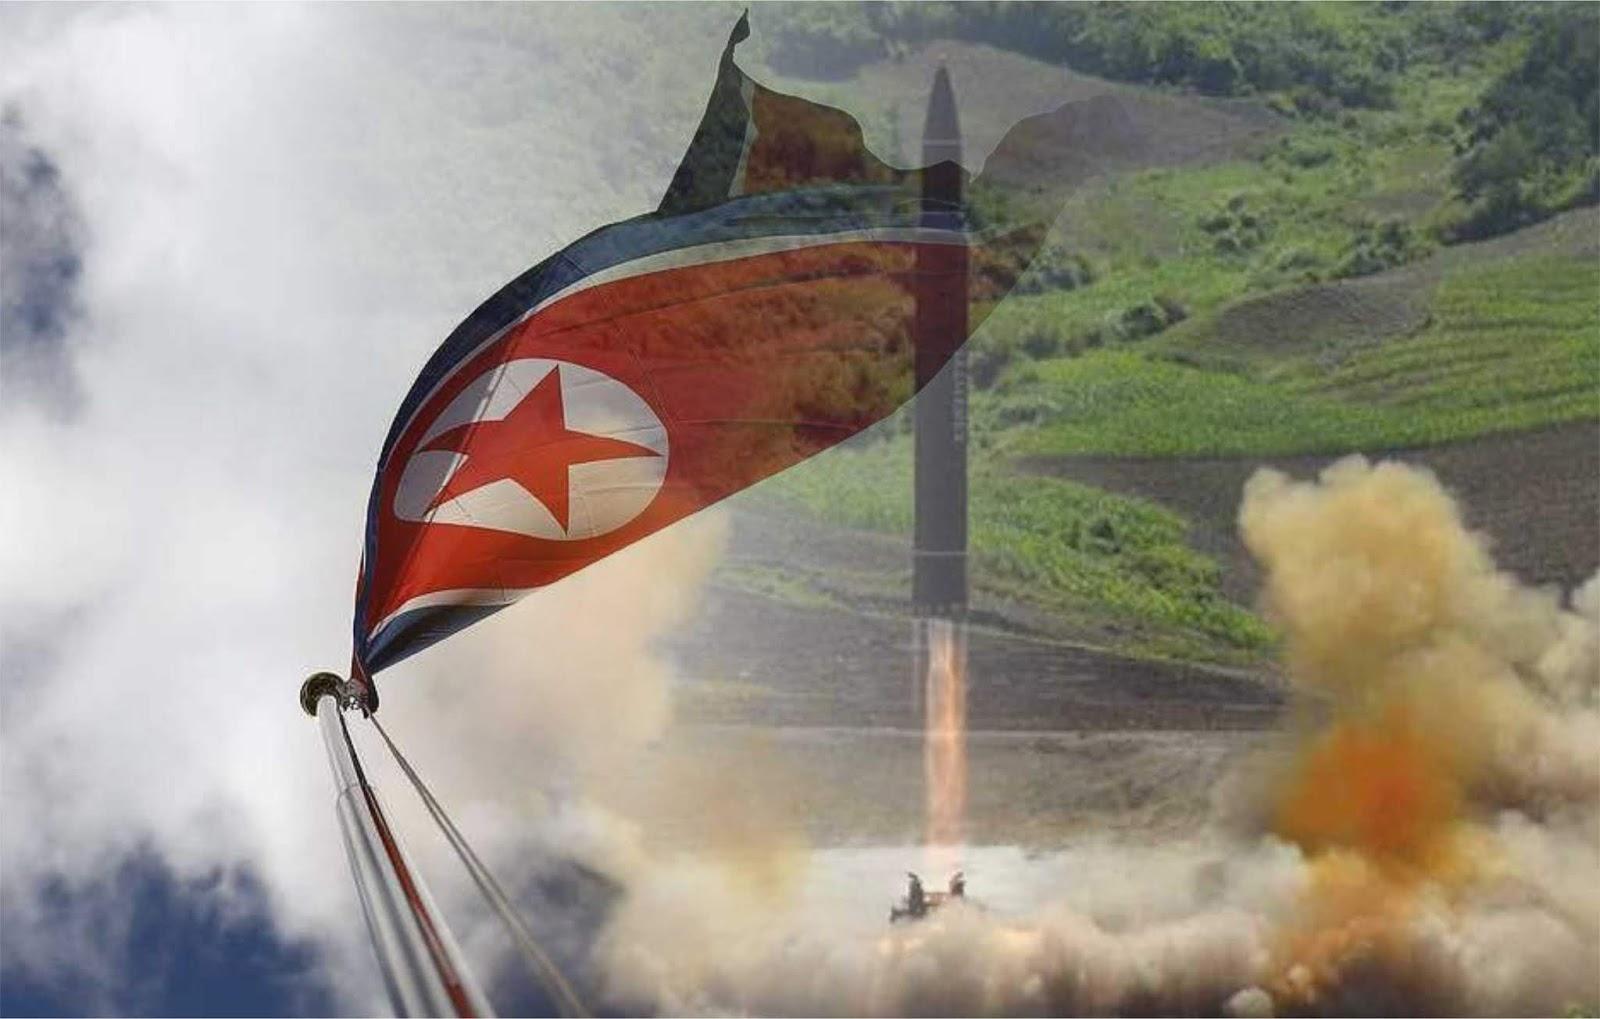 Otoritas Korea Utara dapat bersiap untuk meluncurkan rudal